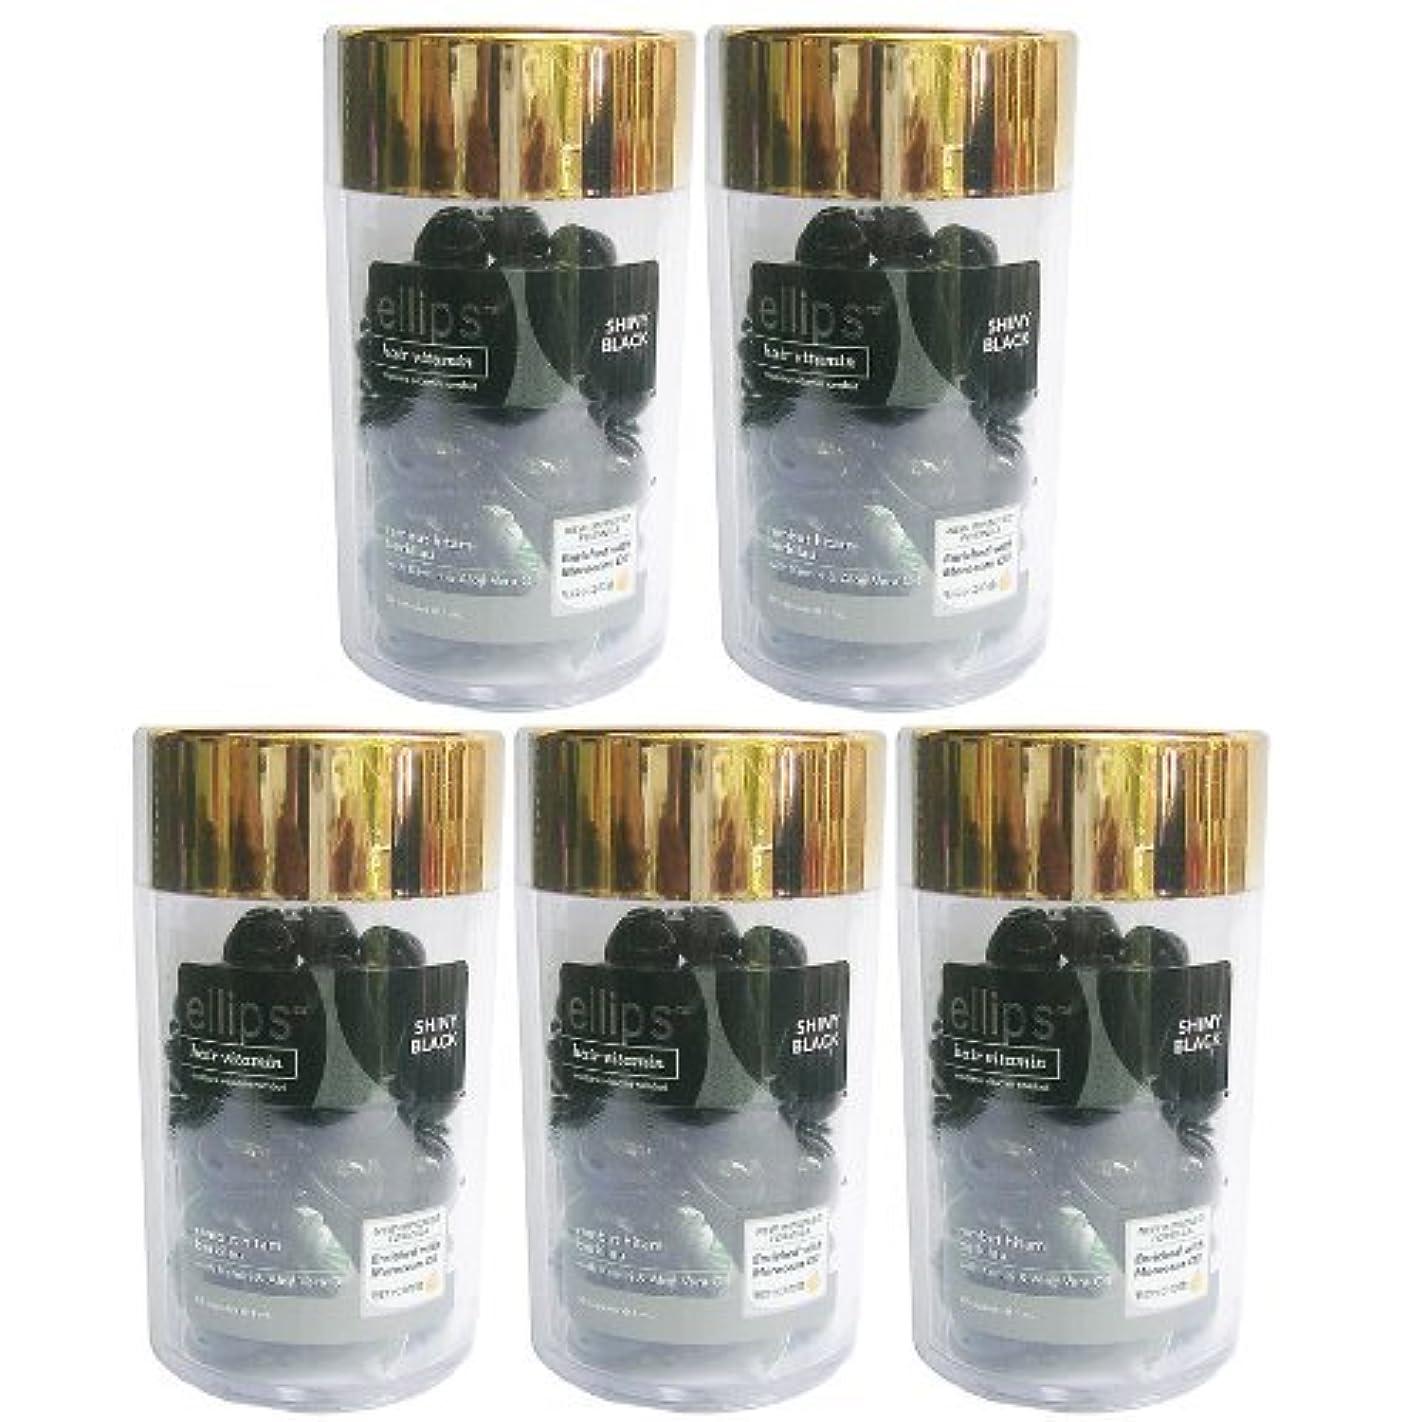 ごちそう反発パイエリップスellipsヘアビタミン洗い流さないヘアトリートメント50粒入ボトル5本組(海外直送品)(並行輸入品) (黒5本)